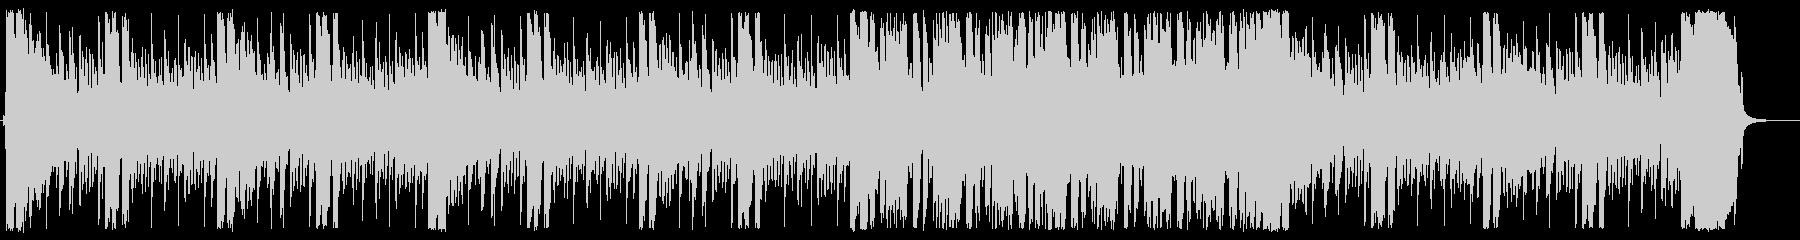 サイバーテイストのギターロックの未再生の波形